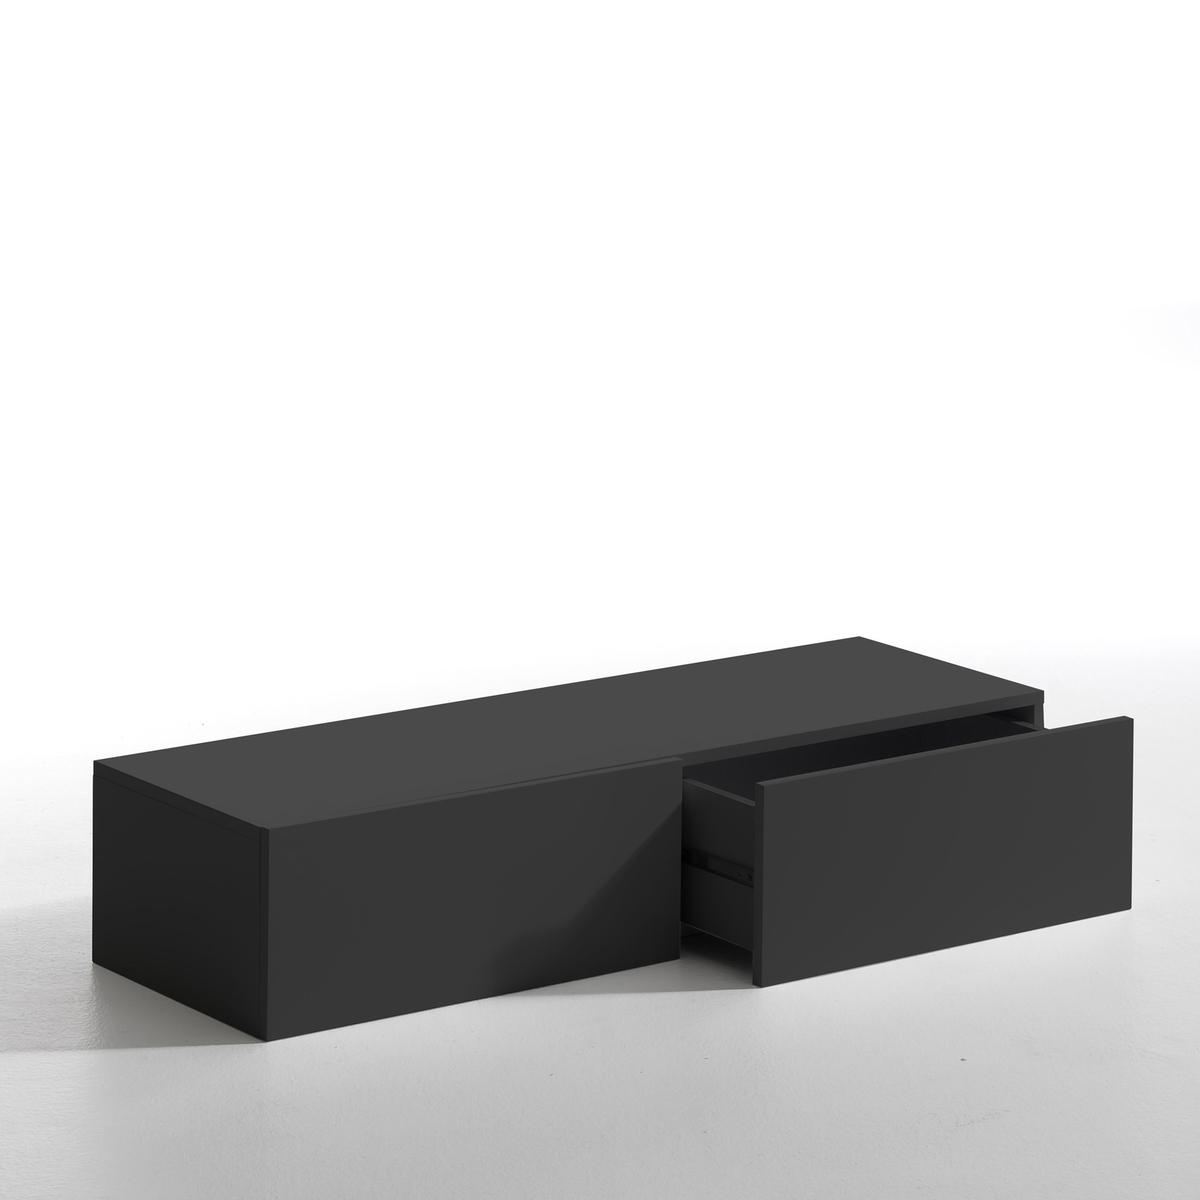 Выдвижной ящик Kyriel для гардеробаВыдвижной ящик Kyriel для гардероба. Гардеробные Kyriel - красивая и практичная модульная система для хранения et pratique, которая вписывается в любое пространство и подходит к любому стилю.Характеристики :- МДФ, отделка полиуретановым лаком матового или блестящего цвета. - Крепится к стойкам гардероба уголками для ящиков.Размеры : - Размер S : Ш.60 x В.22,5 x Г.36 см- Размер M (2 отделения) : Ш.110 x В.22,5 x Г.36 смРазмеры и вес покробки : - Размер S : Ш.70,5 x В.14,5 x Г.42,5 см, 10,75 кг- Размер M : Ш.110 x В.22,5 x Г.36 см, 16,83 кгДоставка :до квартиры по предварительной договоренности !  Внимание! Убедитесь, что доставка товара возможна в связи с его габаритами .<br><br>Цвет: ореховый